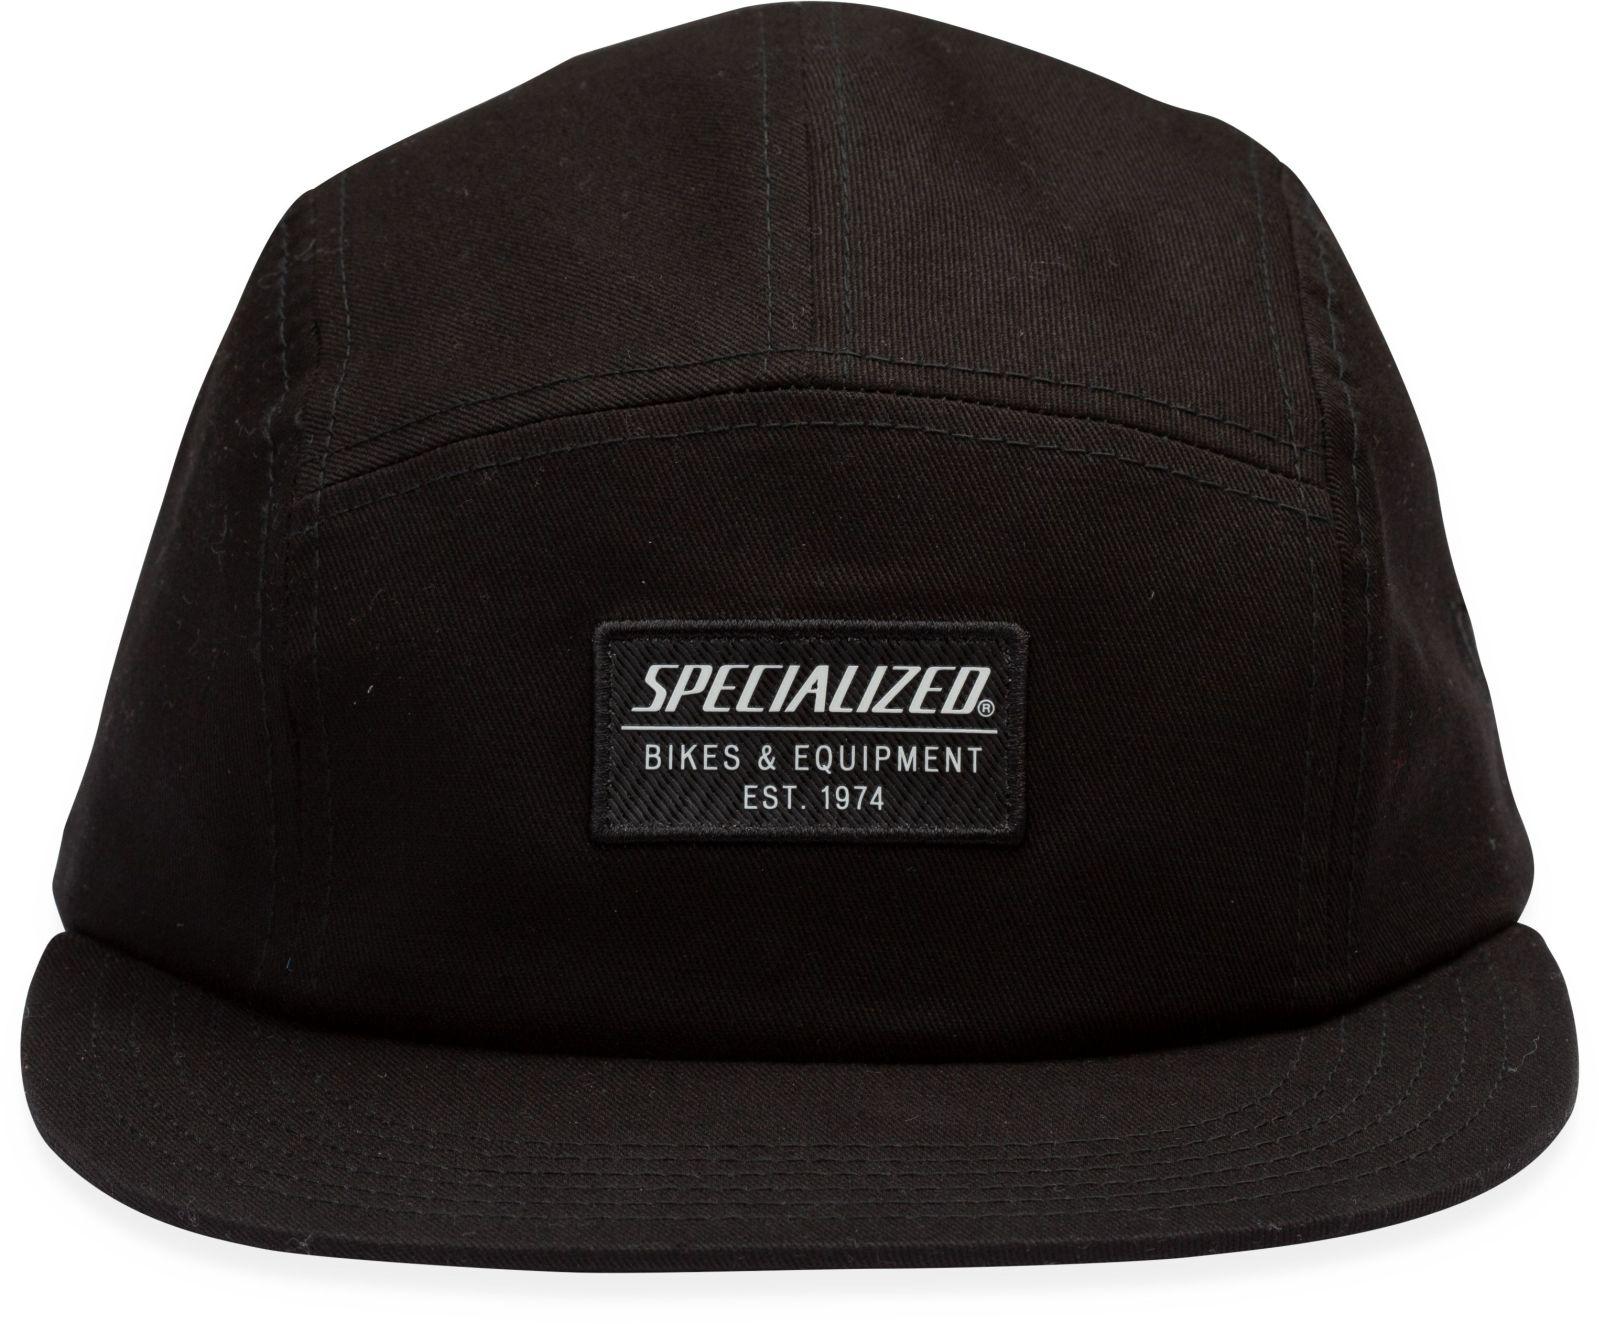 Specialized New Era 5 Panel Hat Specialized - black uni